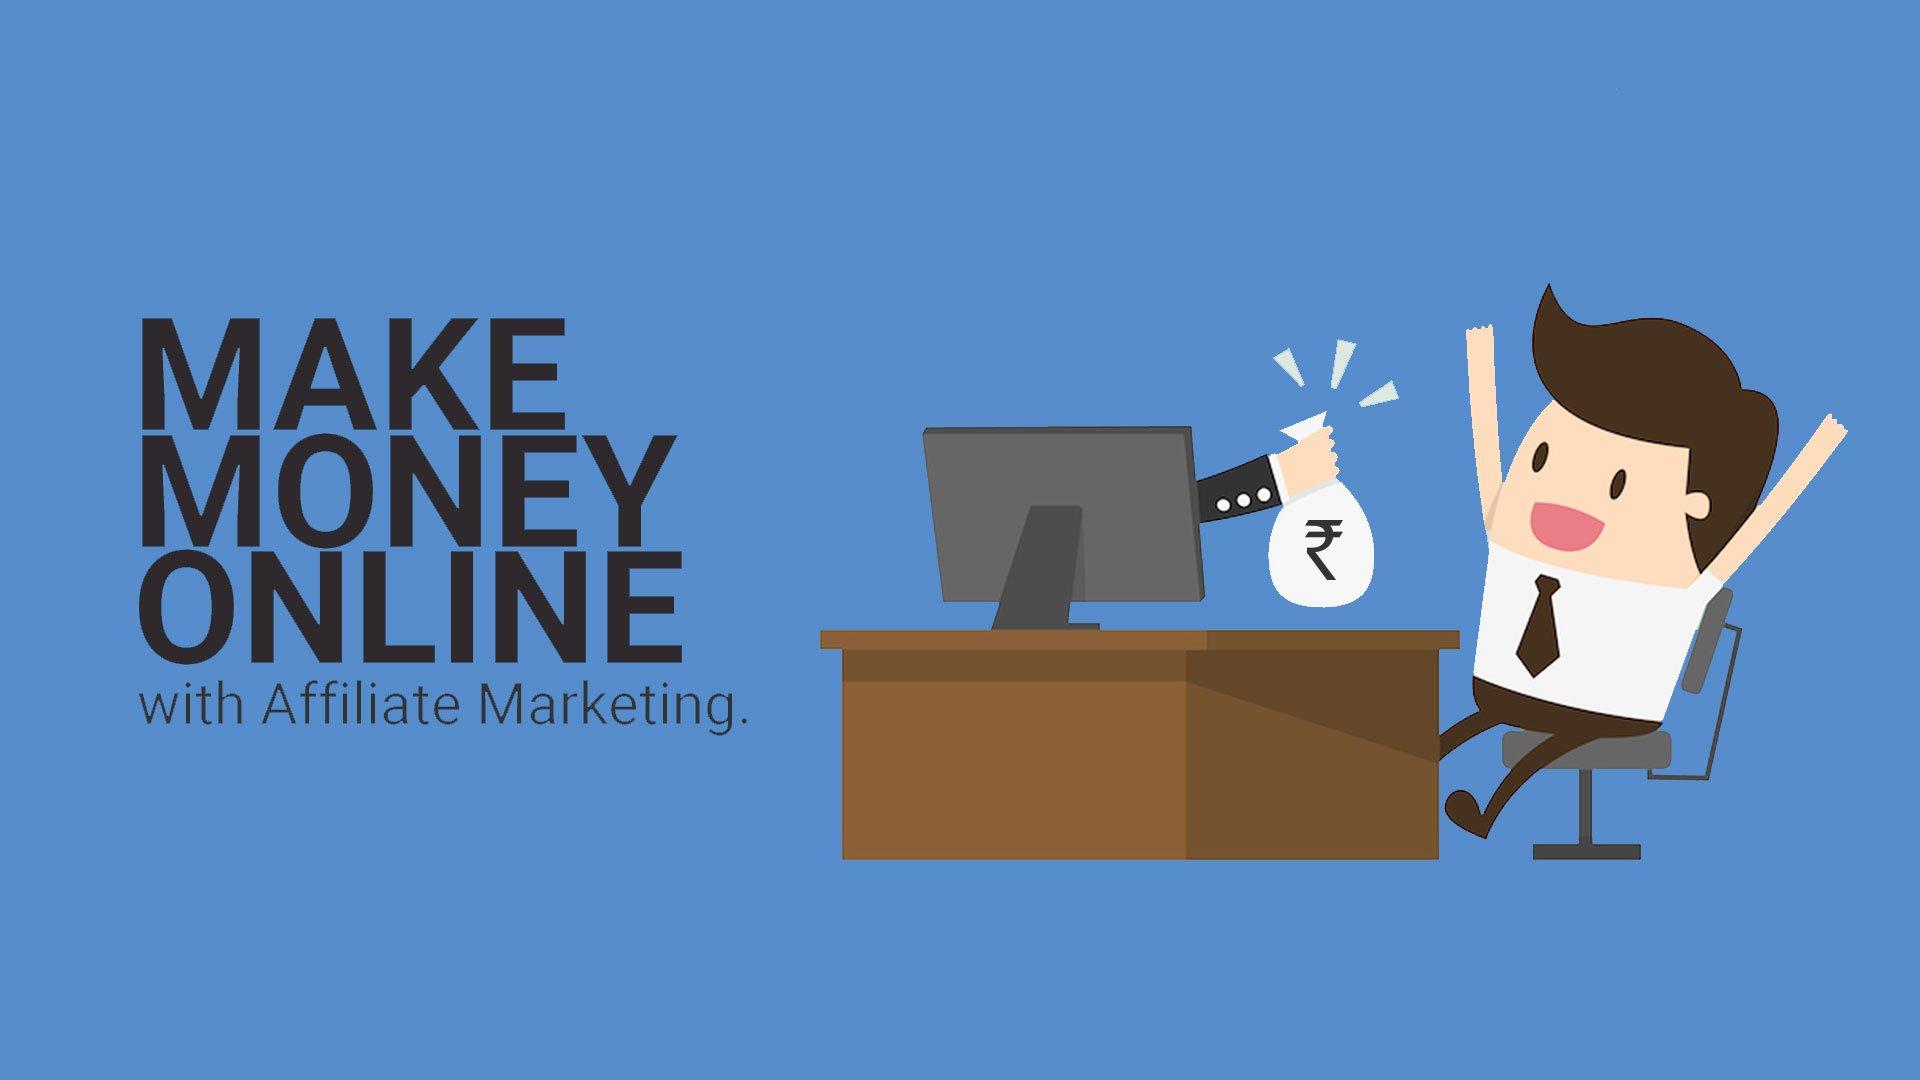 Kiếm tiền online tại nhà với affiliate marketing đang là xu hướng mới?